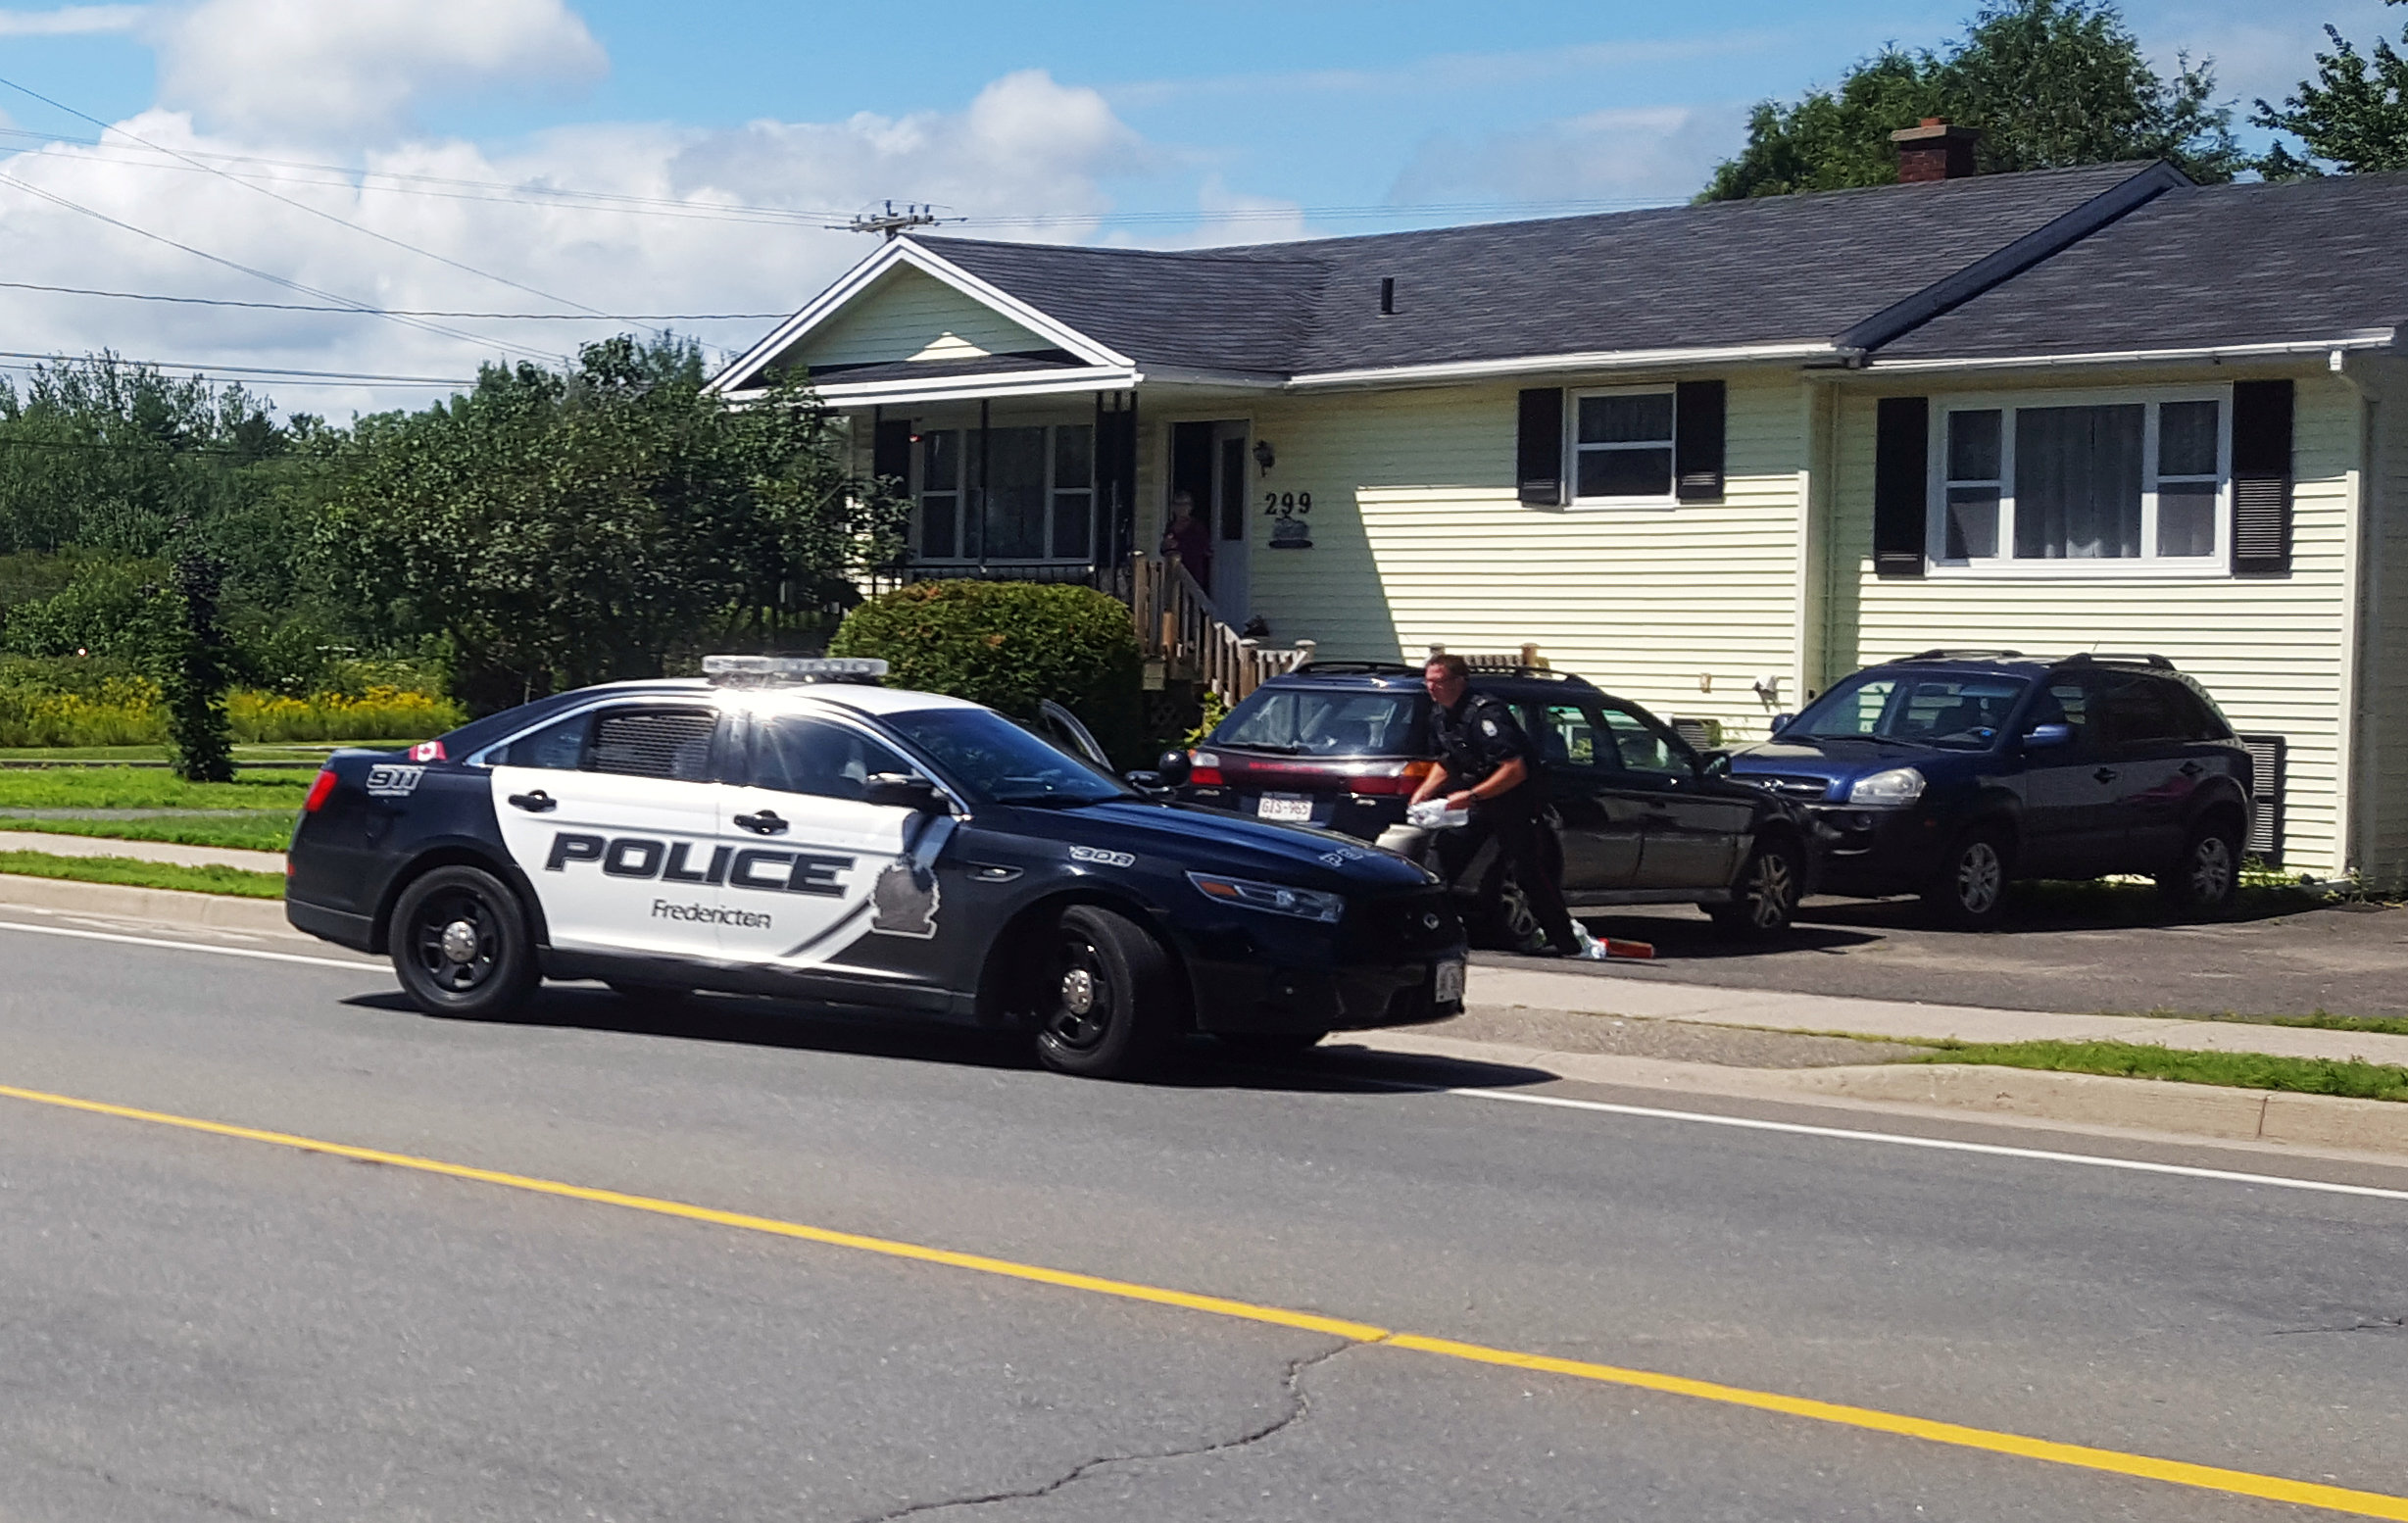 الشرطة الكندية تنتشر فى شوارع مدينة فريدريكتون